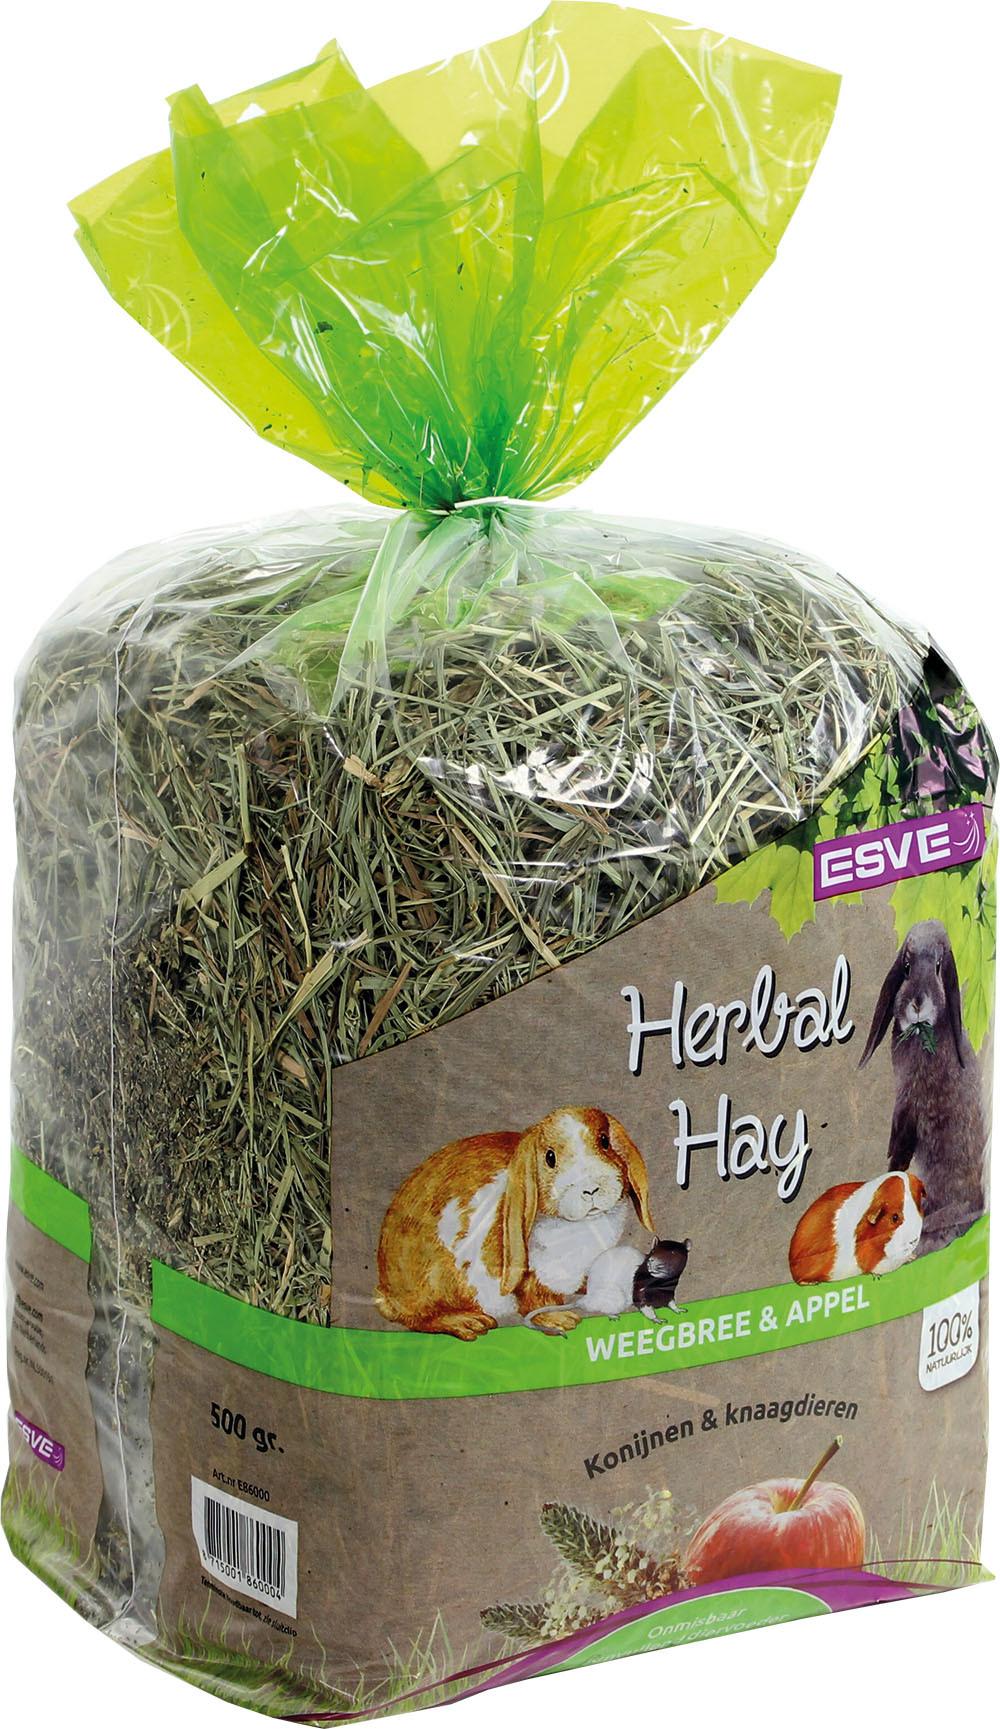 ESVE Herbal Hay weegbree en appel <br>500 gr